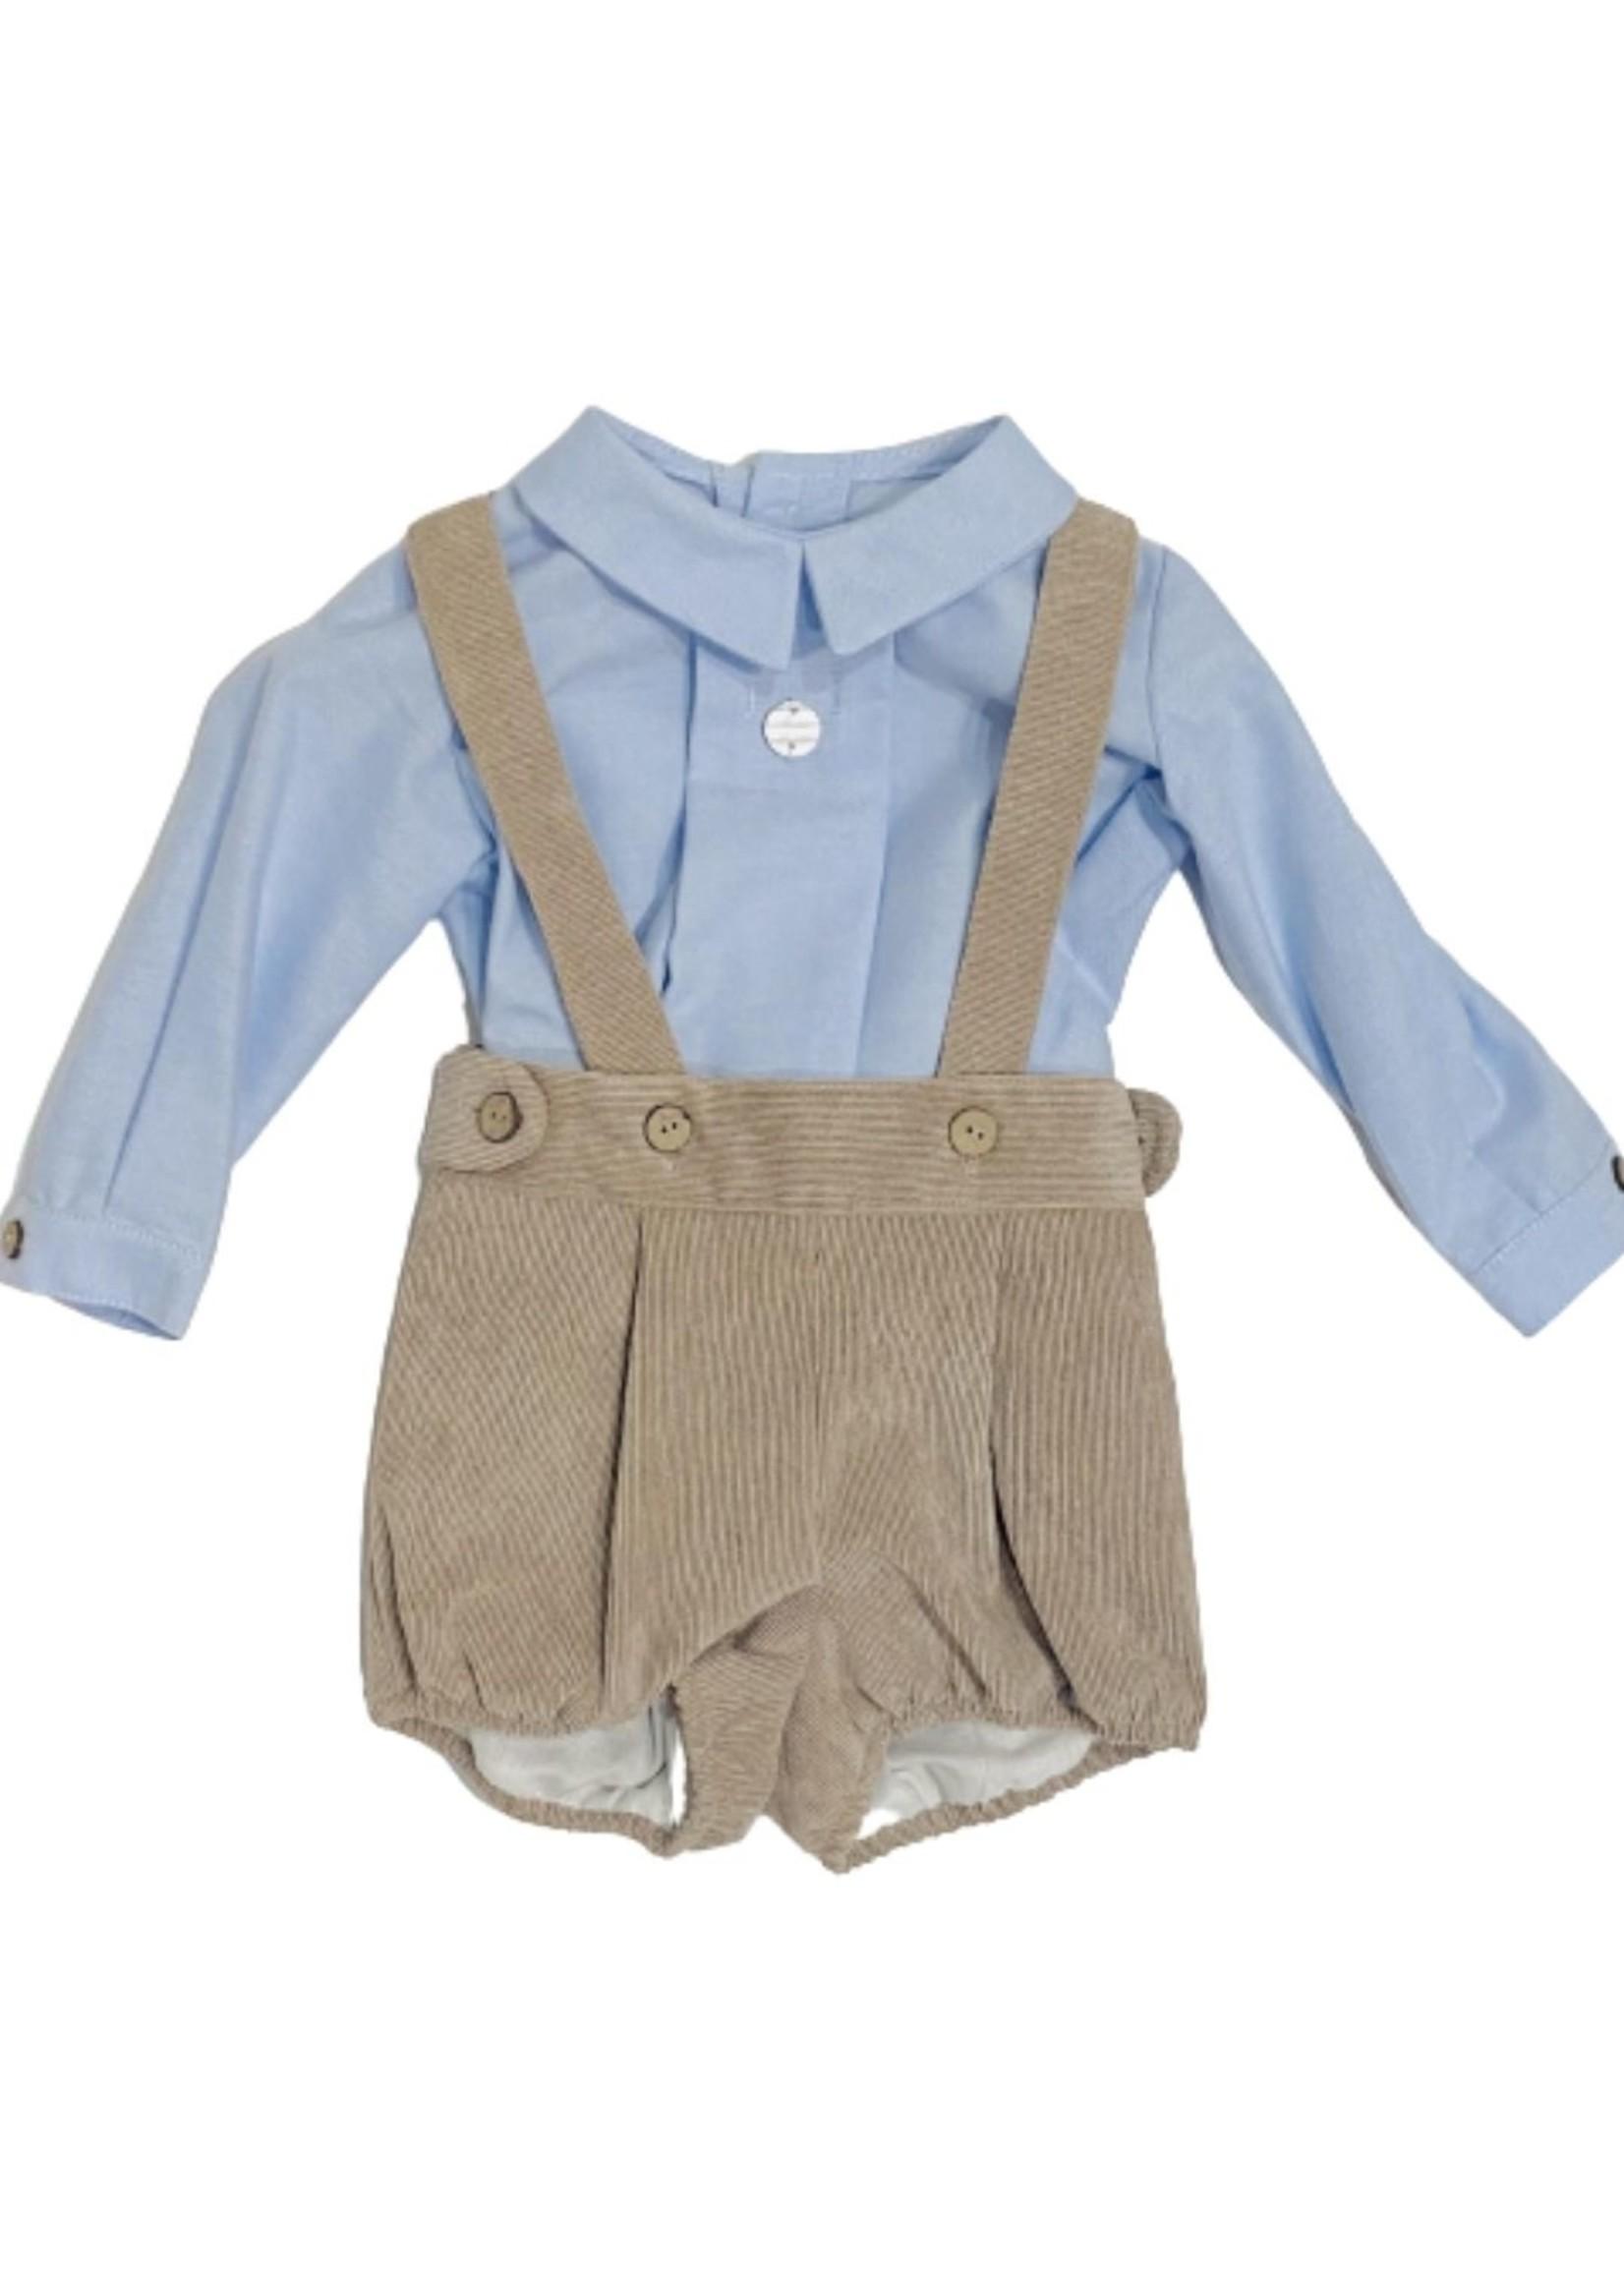 Shirt and Corduroy Overall Set